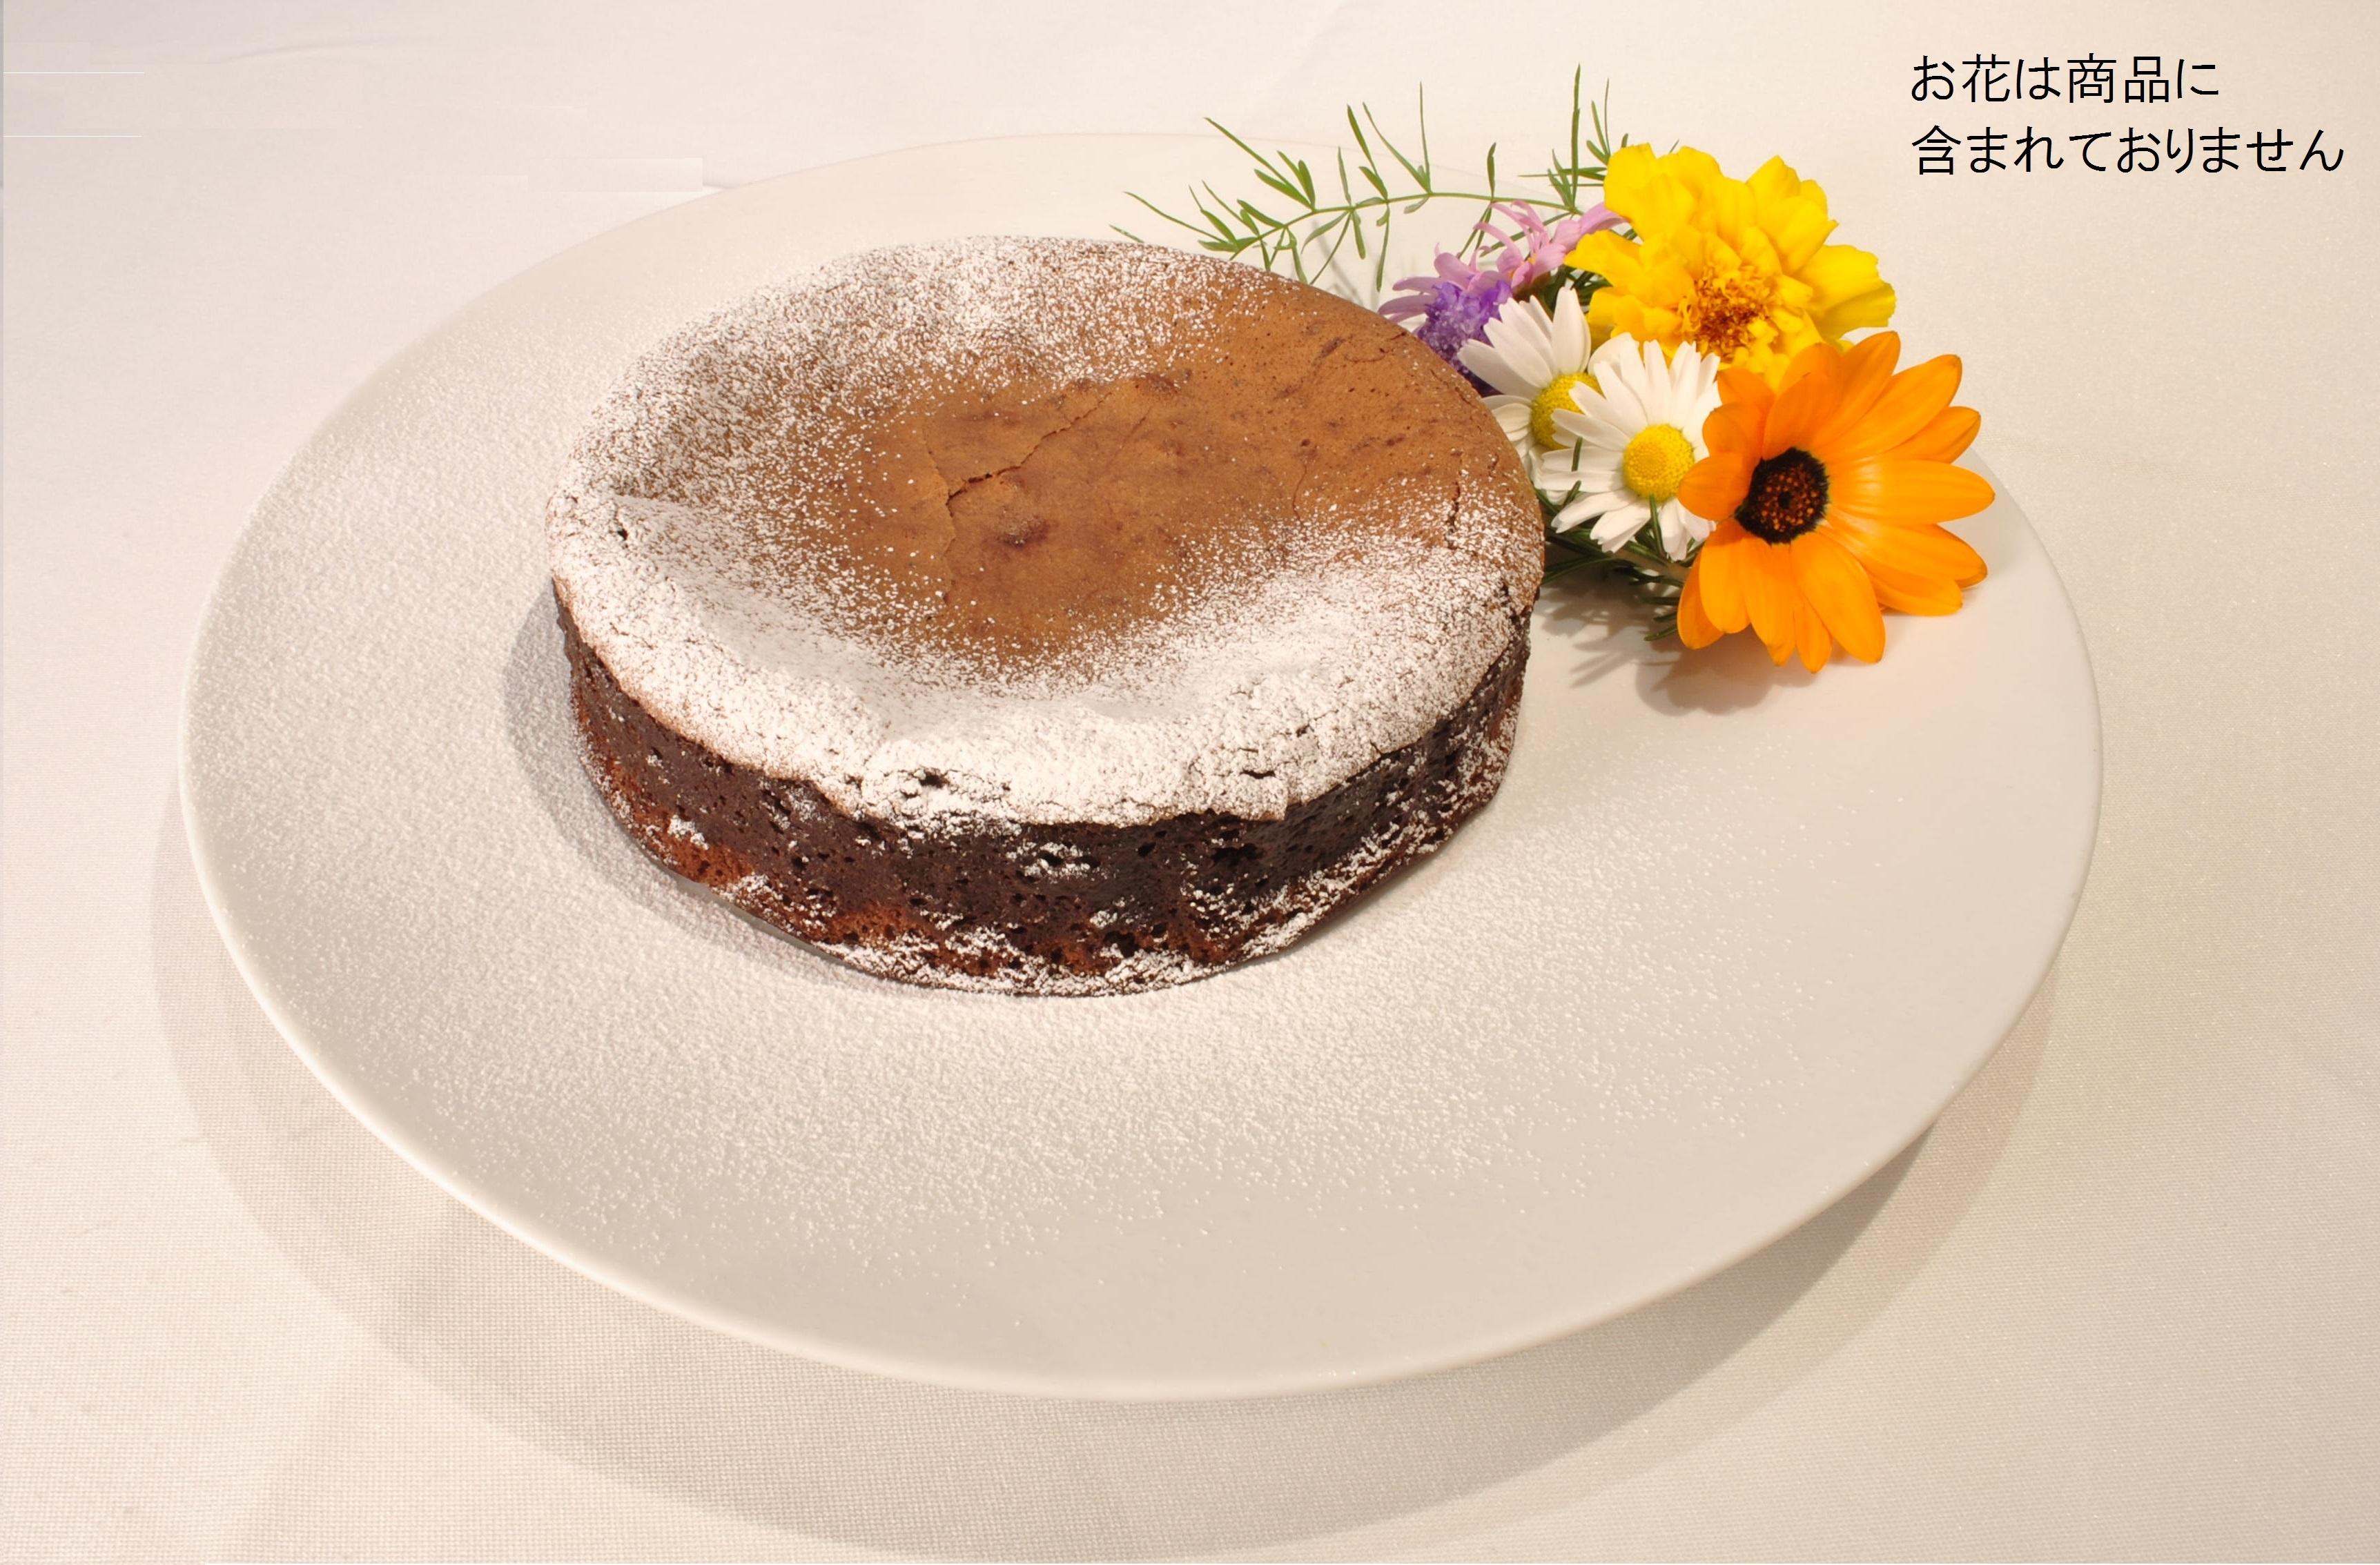 フランス・バローナチョコレート100%の濃厚ガトーショコラ(冷凍)